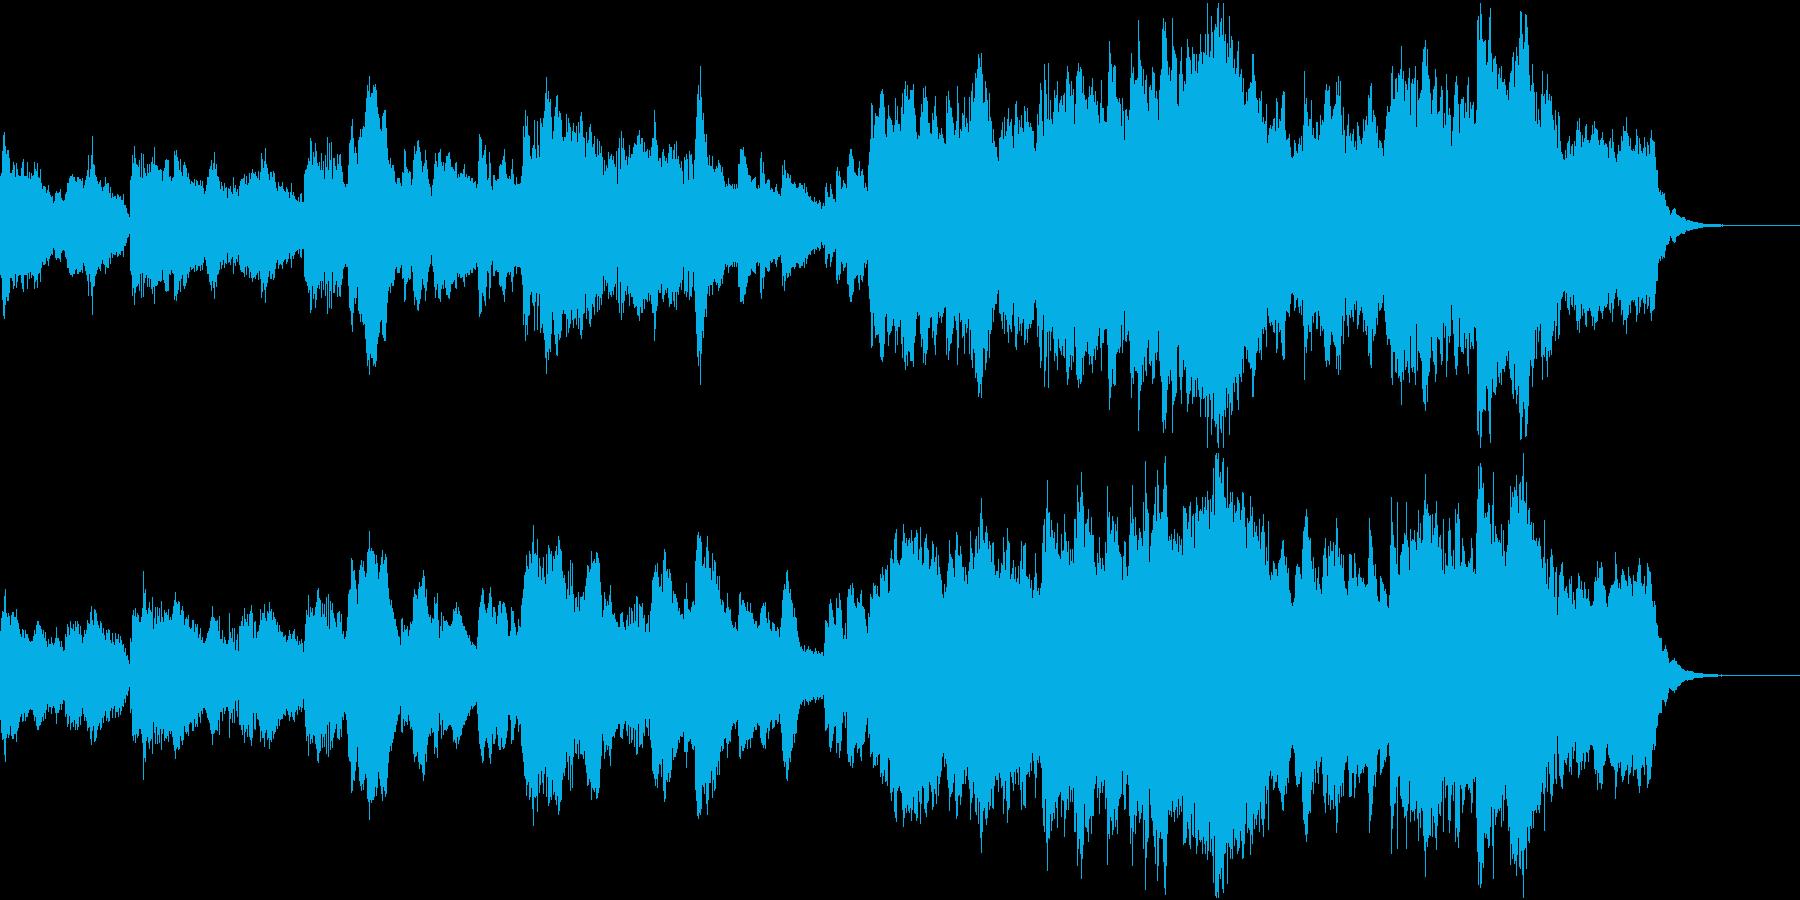 イントロ ジングル オーケストラ風アレンの再生済みの波形